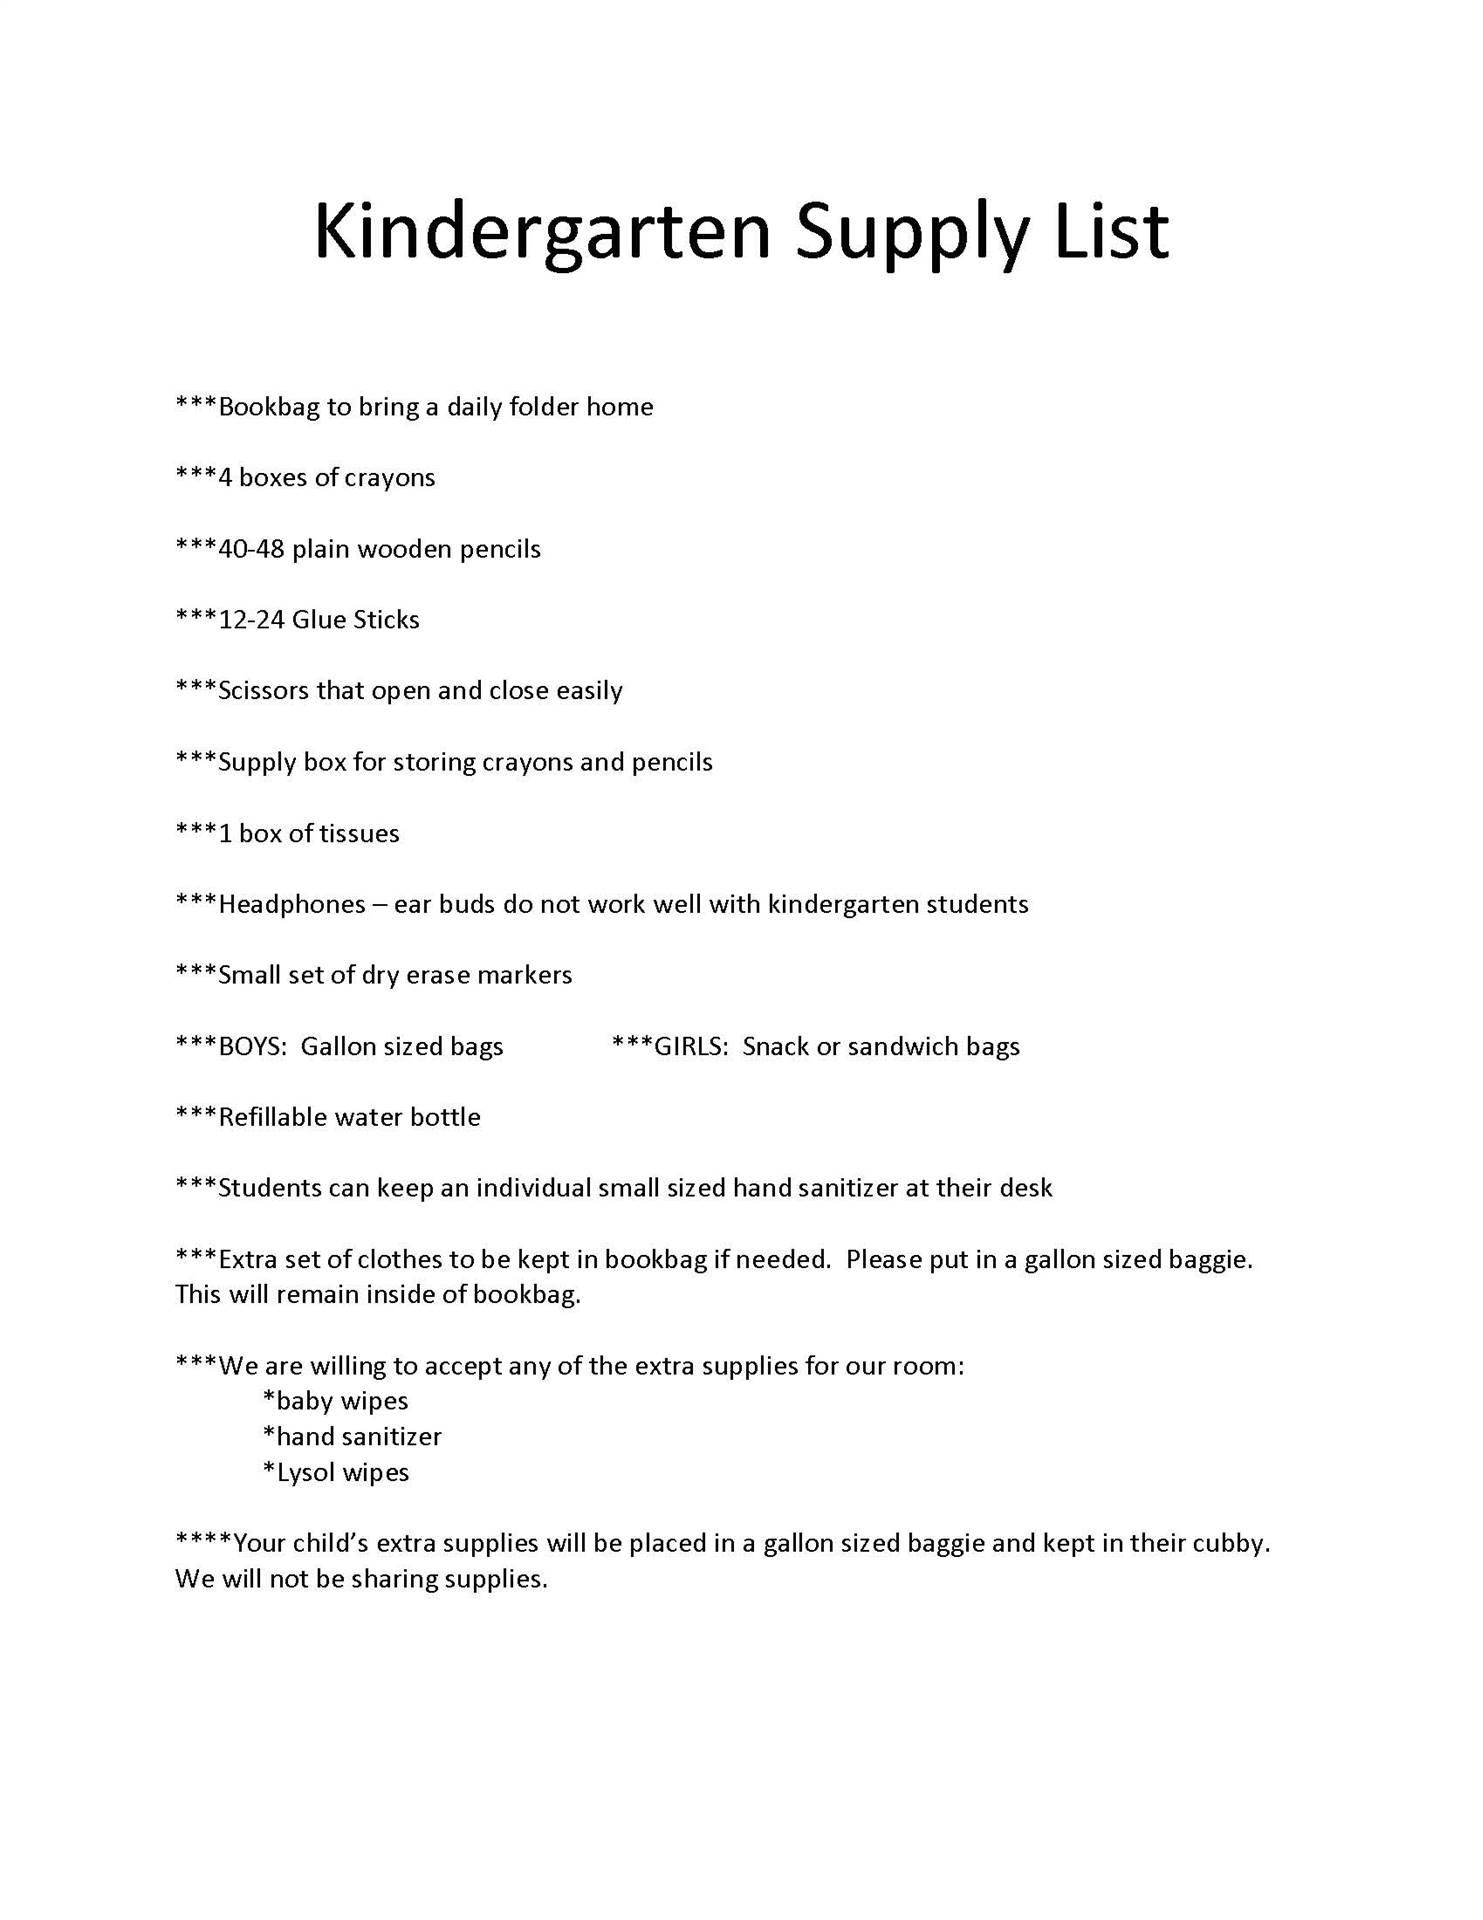 South Kindergarten Supply List